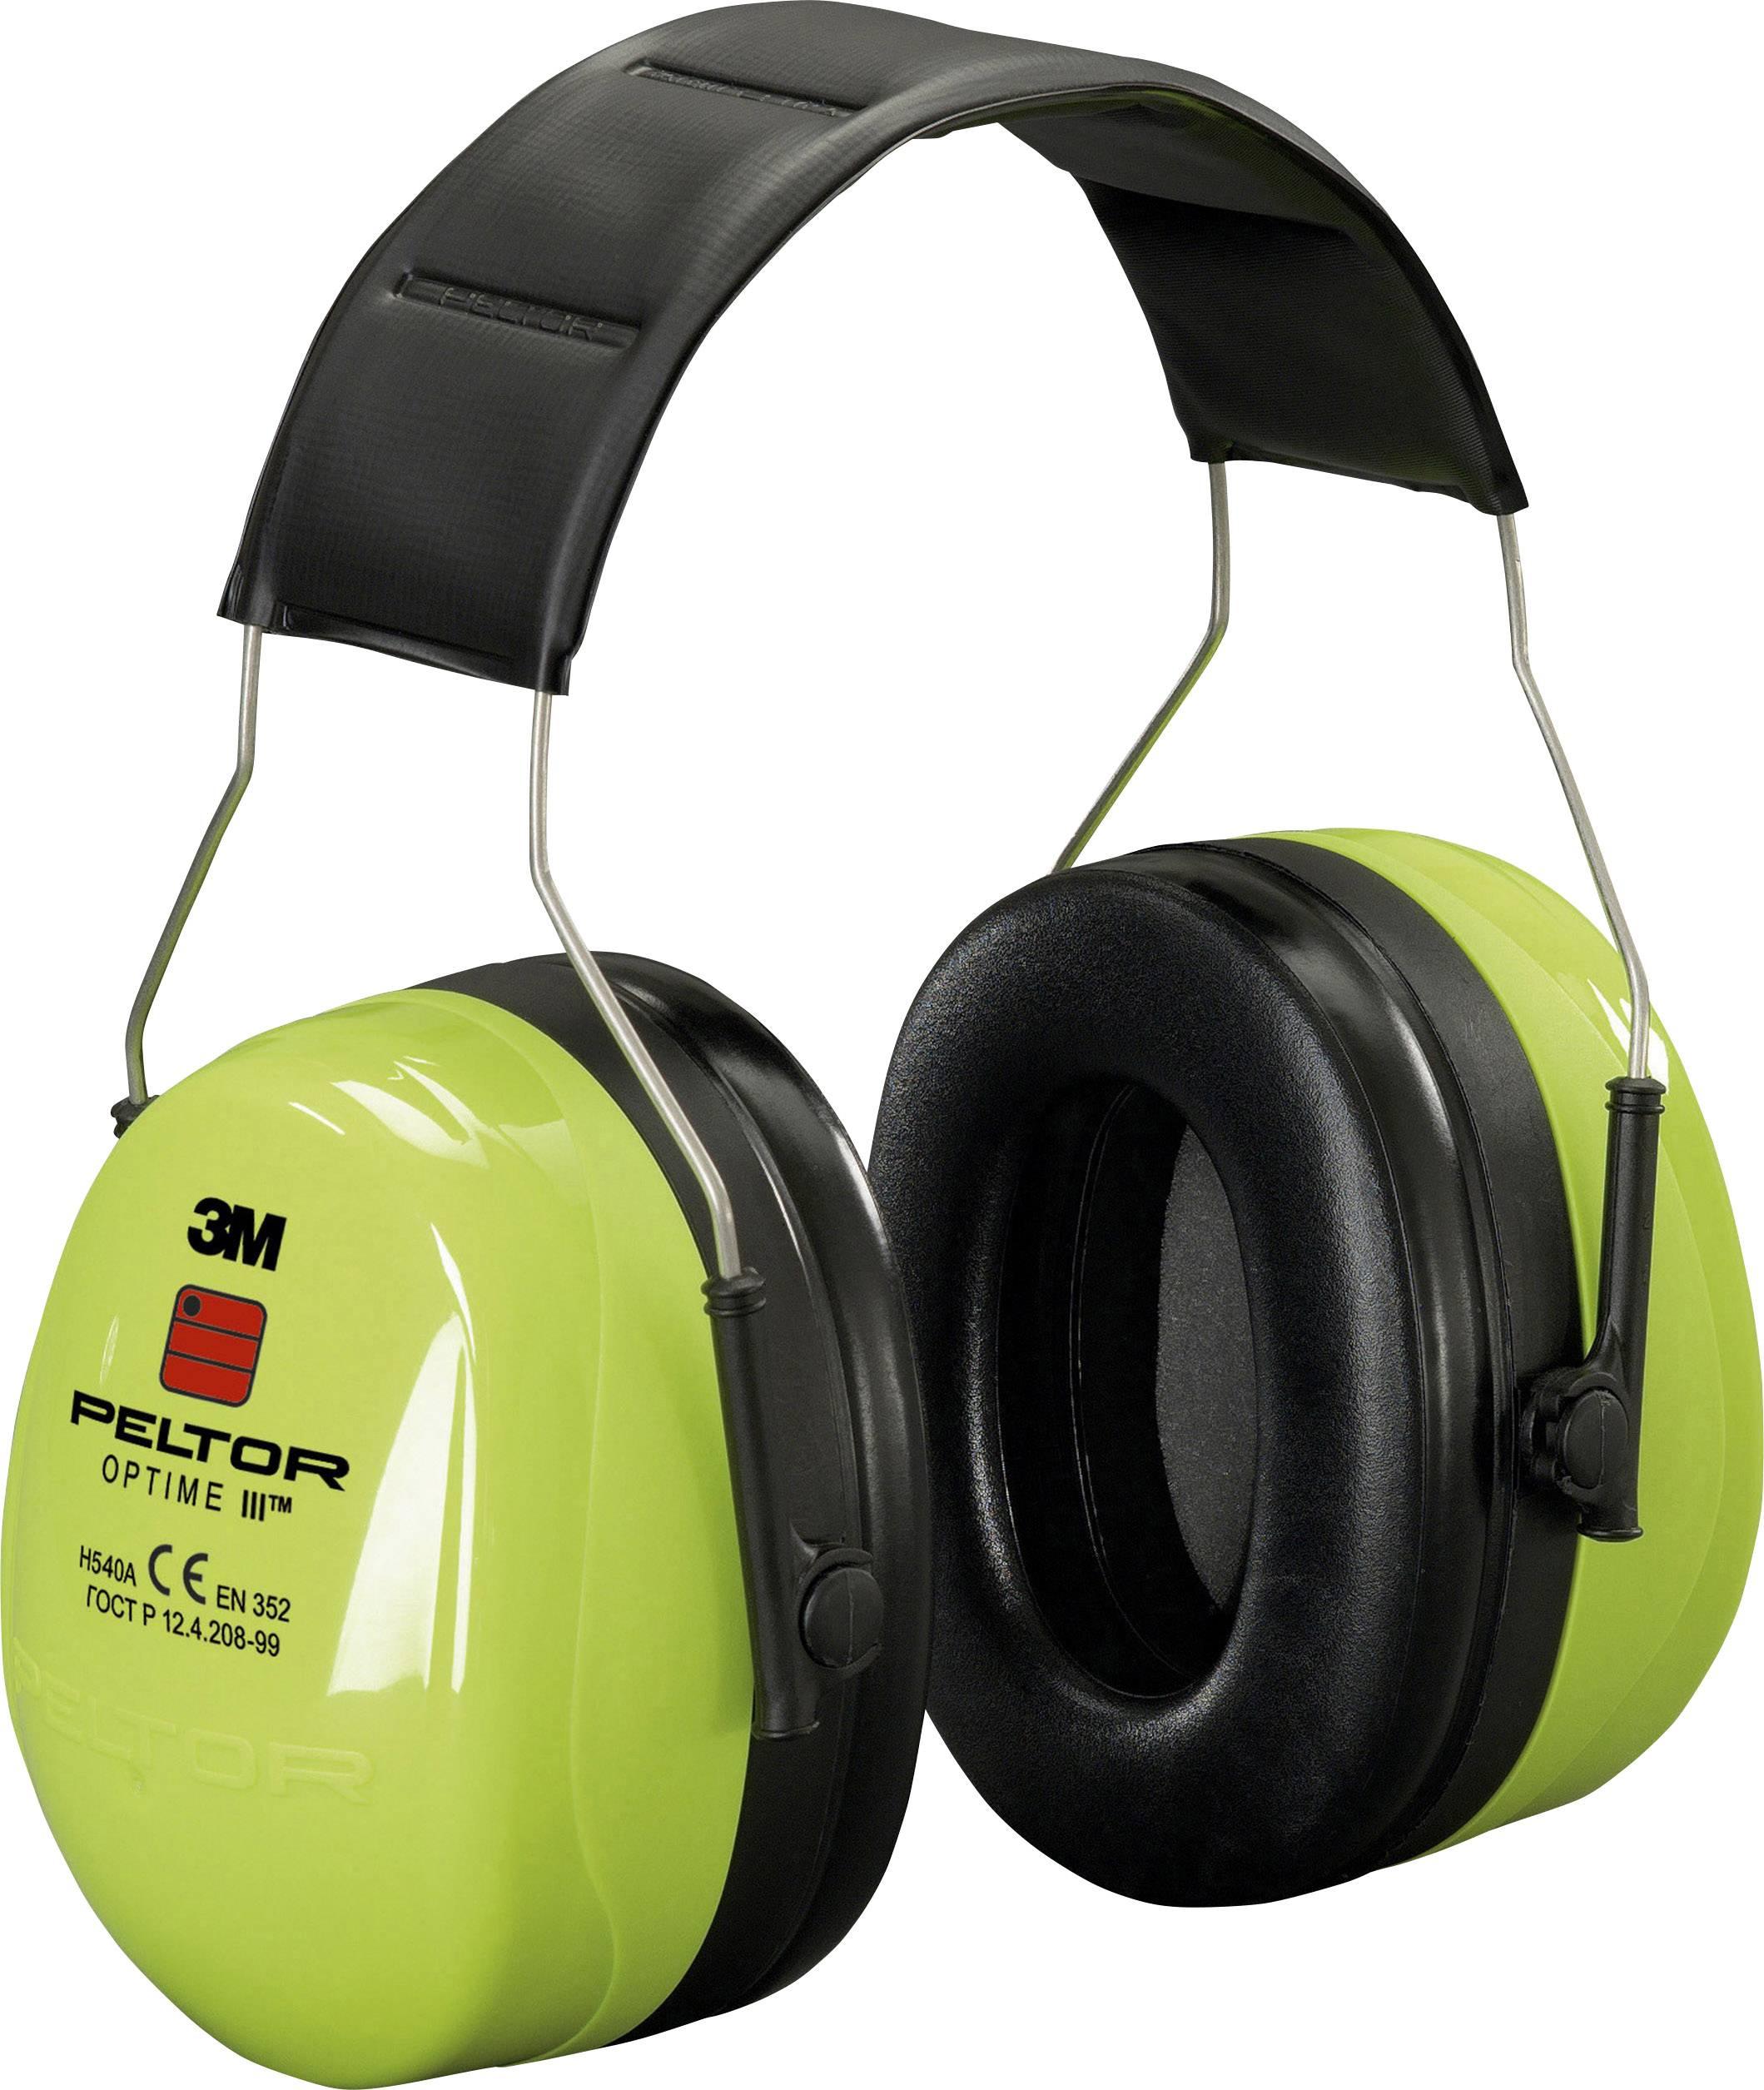 Mušľový chránič sluchu 3M Peltor Optime III HVS H540AV, 35 dB, 1 ks